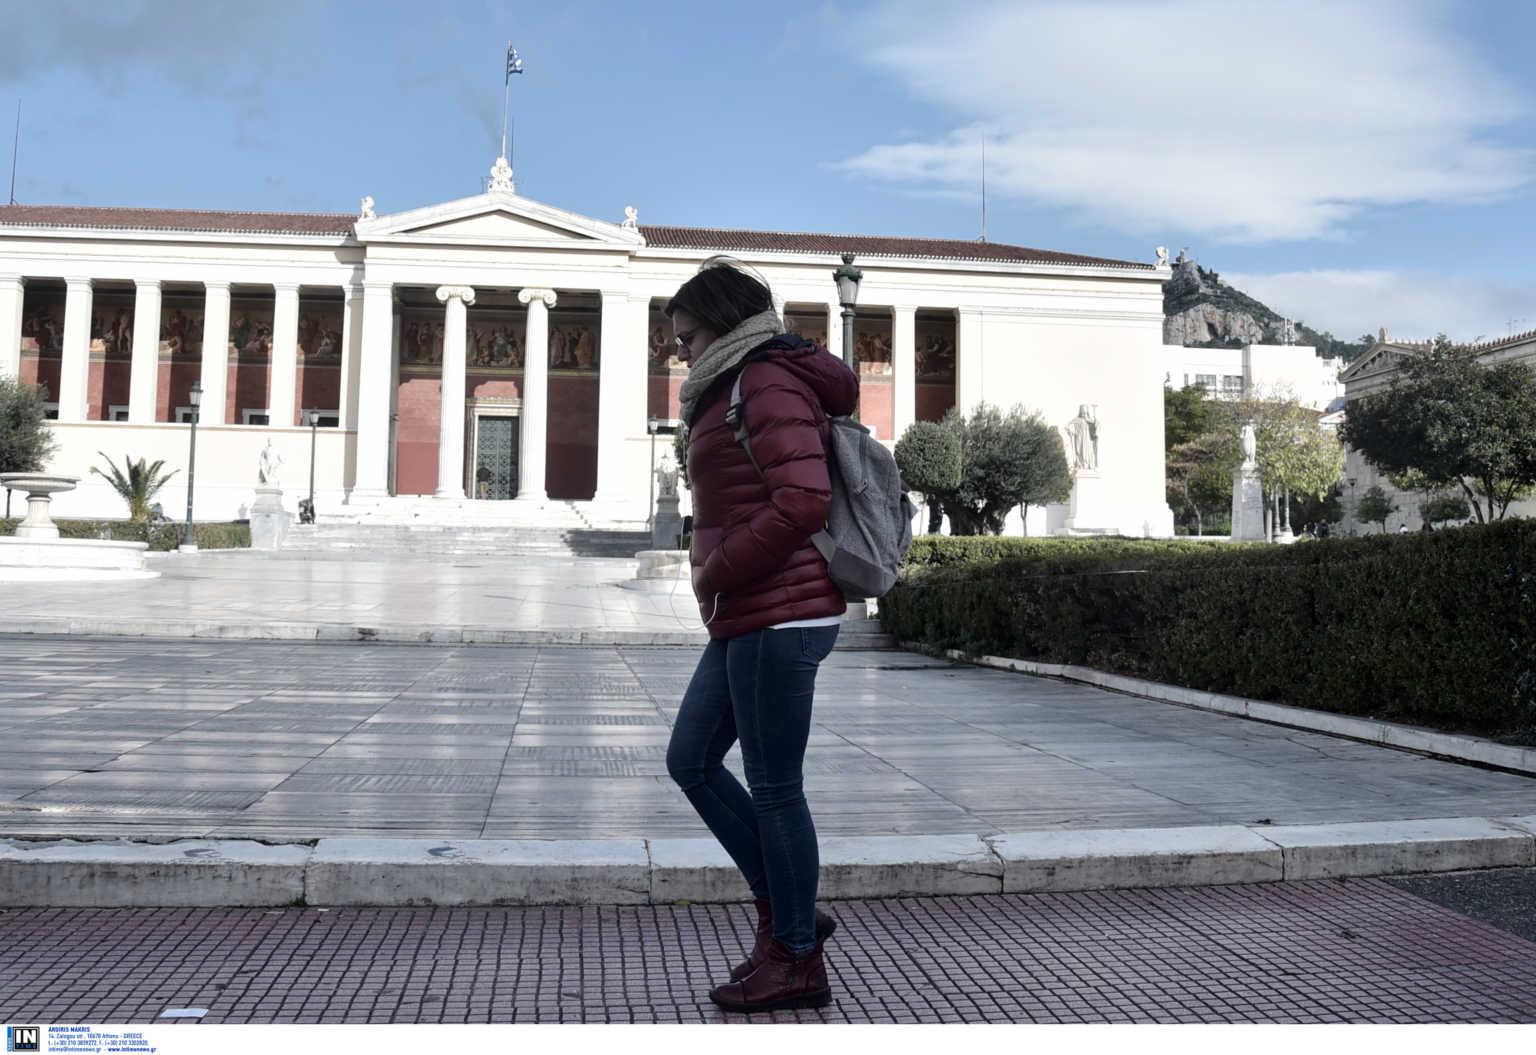 Καιρός: «Κρύο από την Ρωσία»! Καλλιάνος και Μαρουσάκης προειδοποιούν (video)